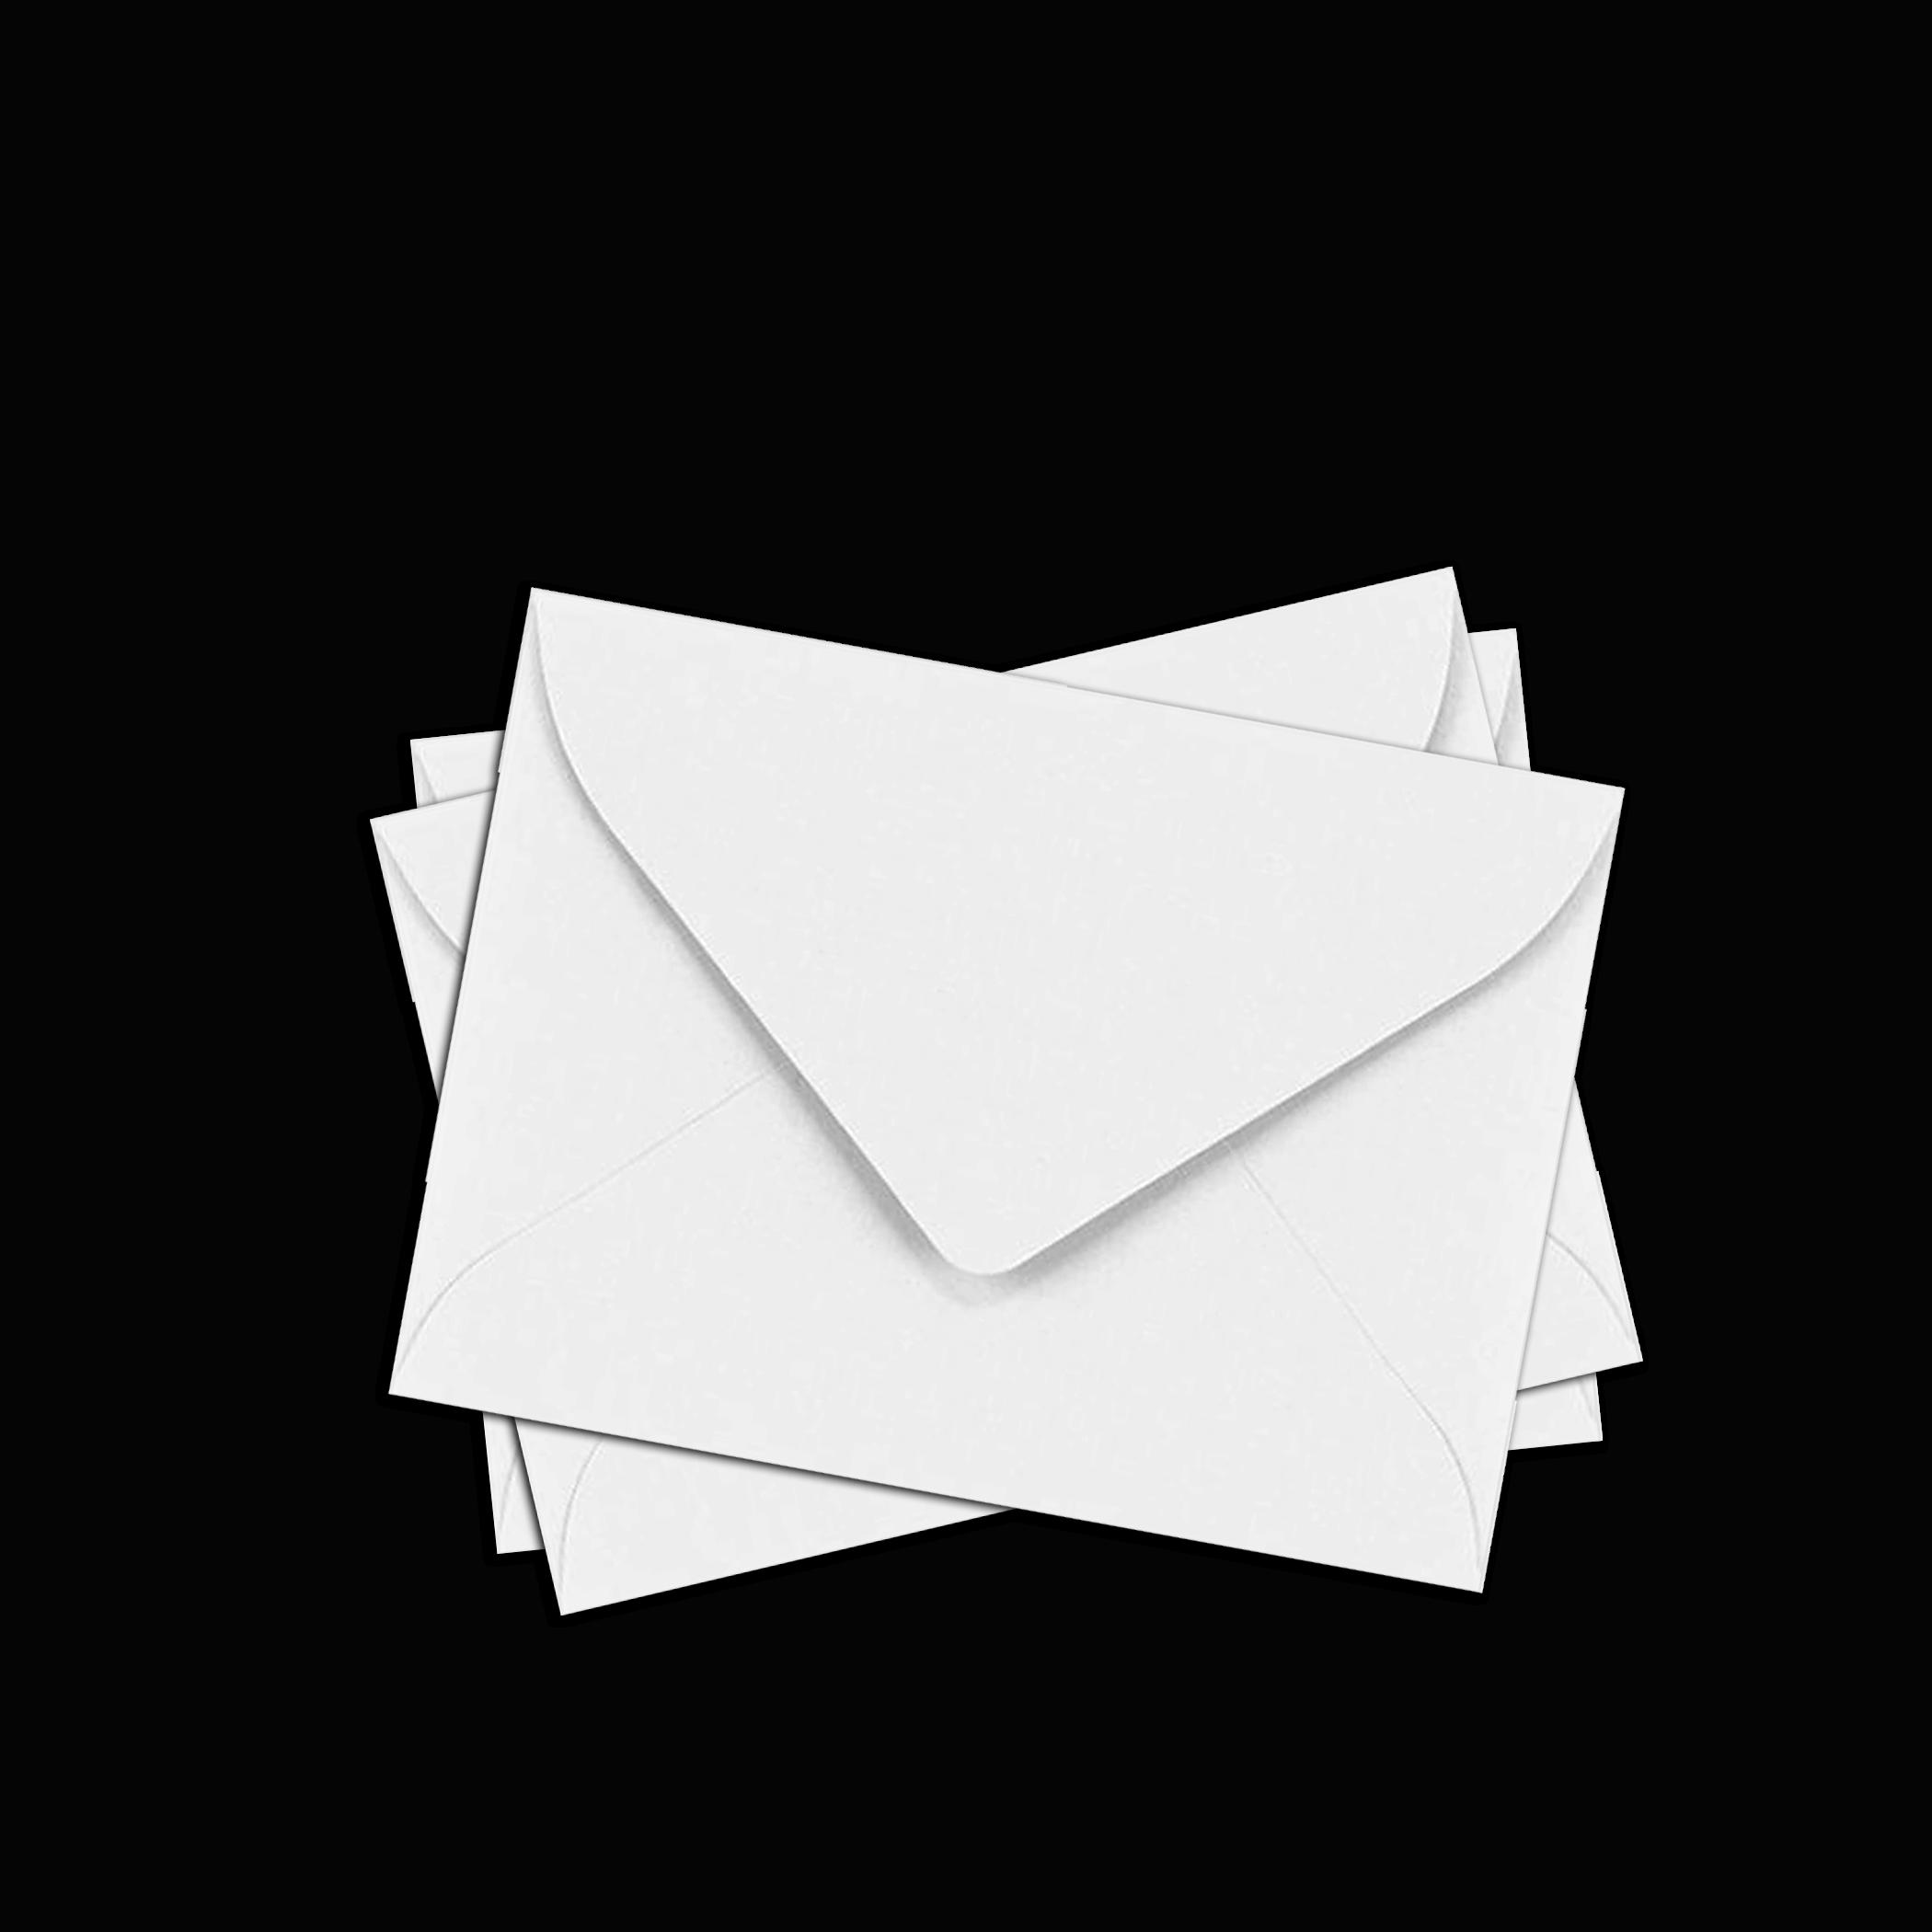 CARD-WHITE-ENVELOPES